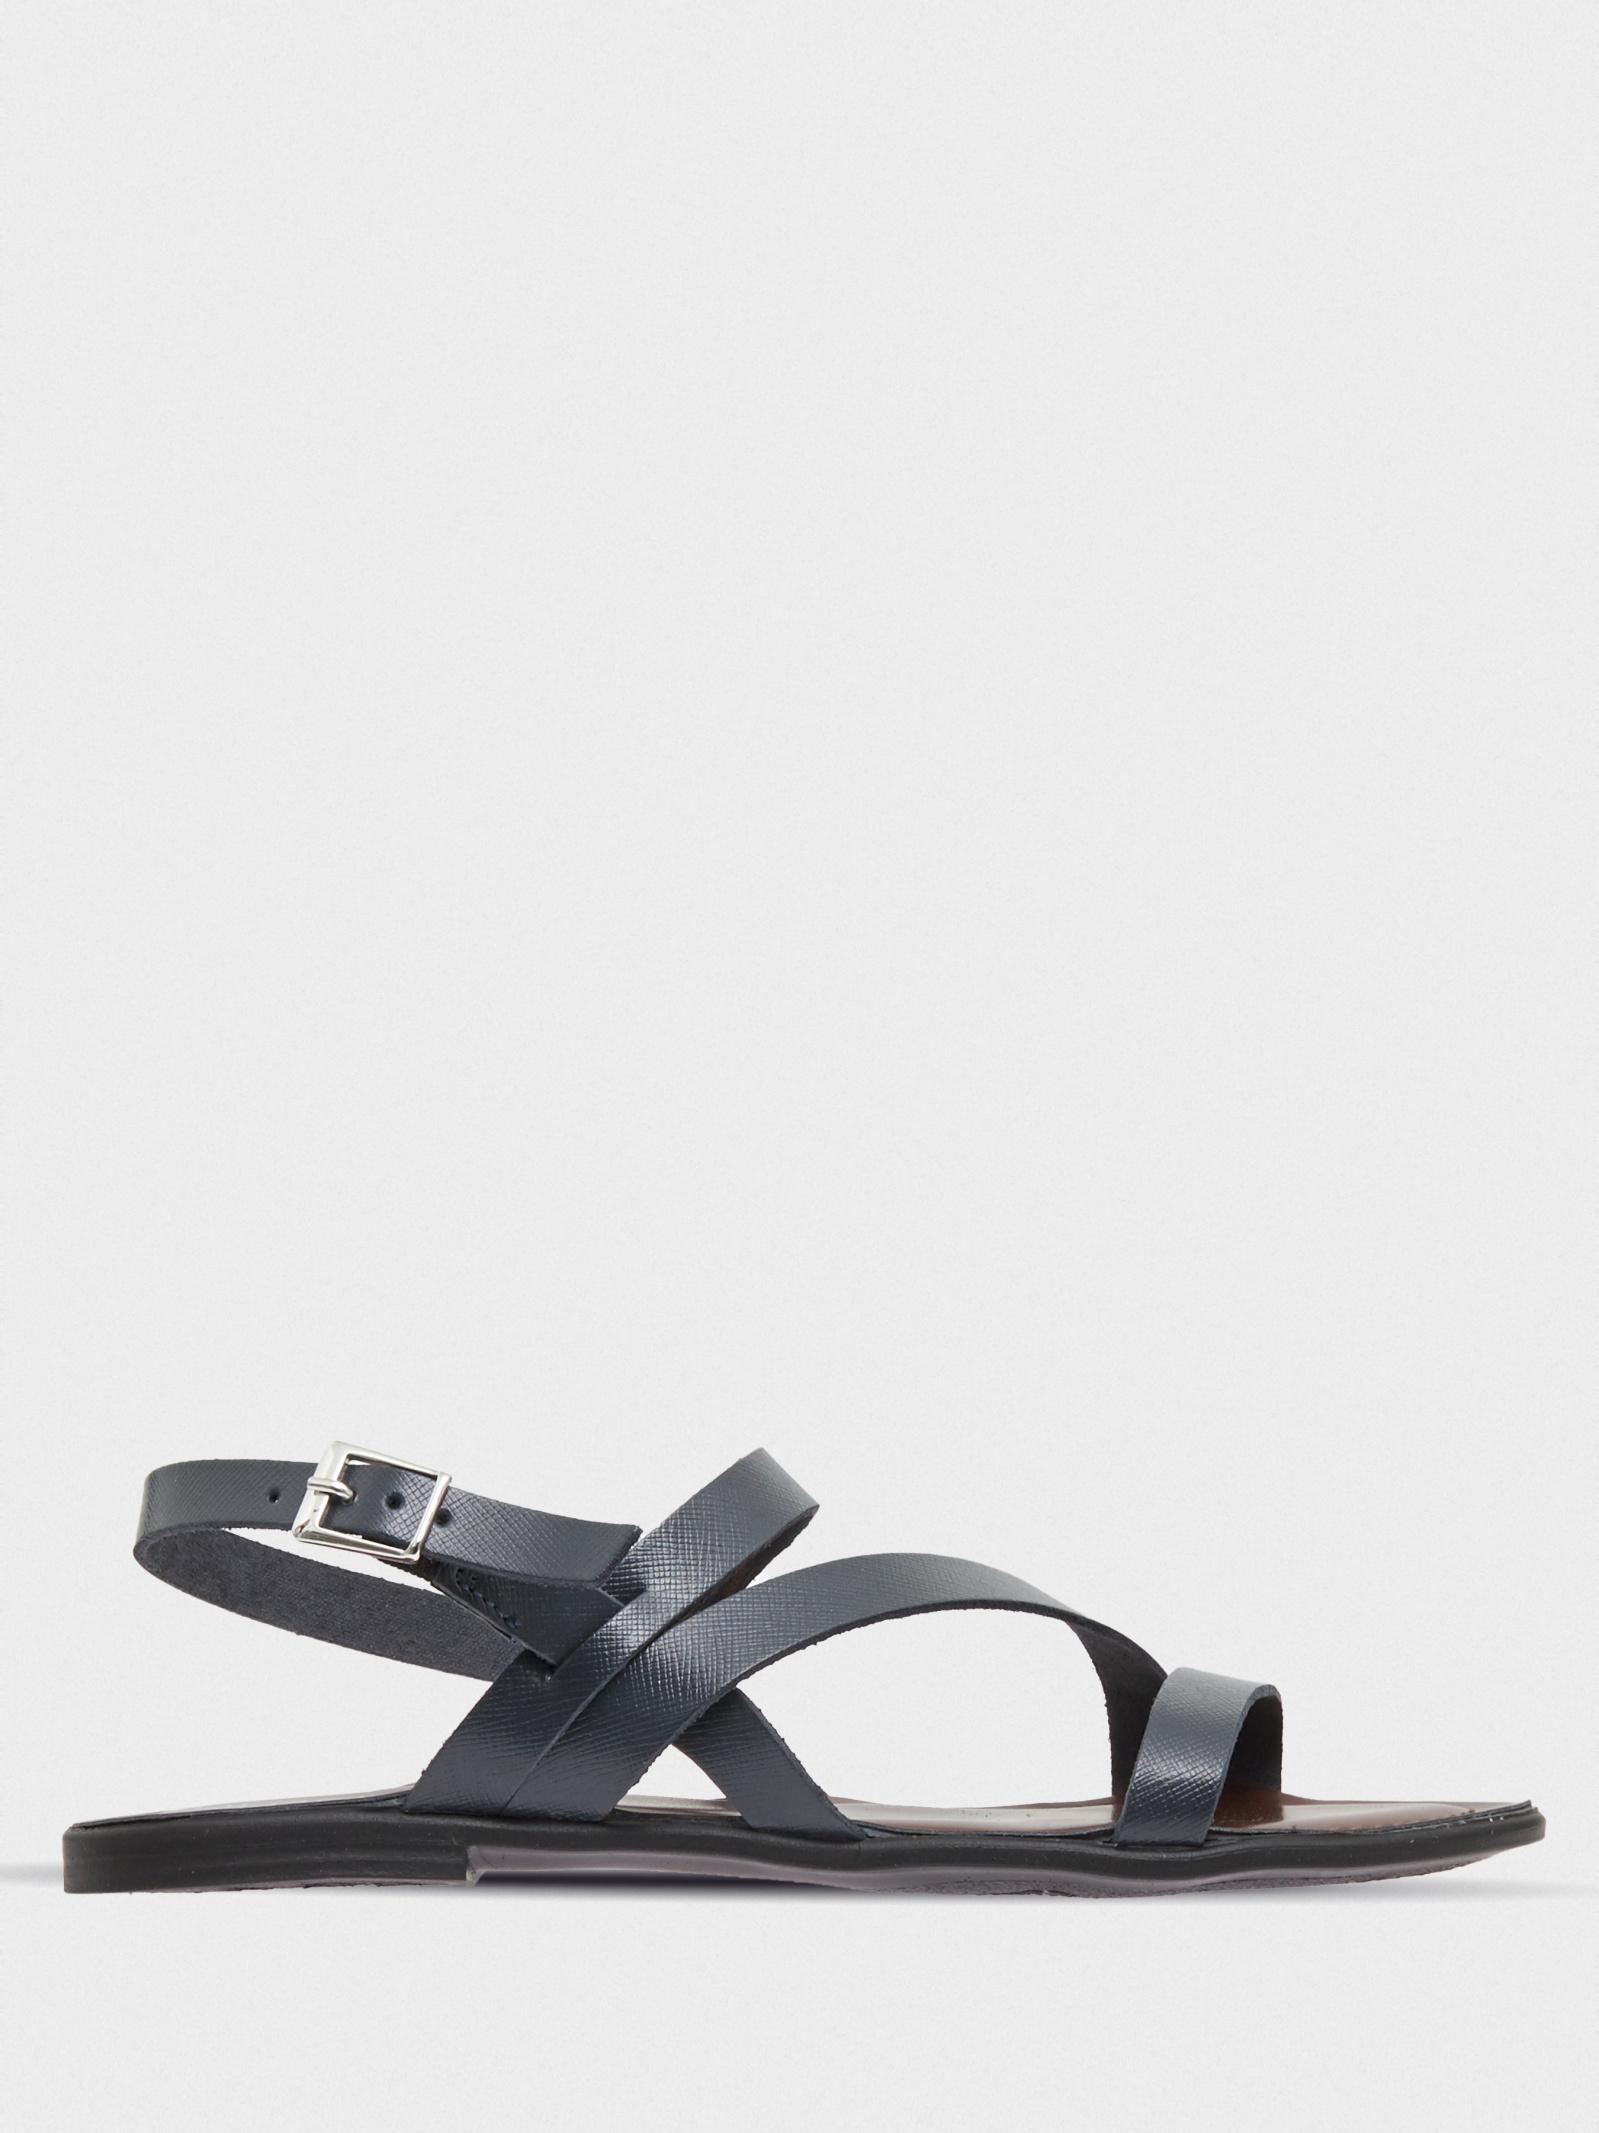 Сандалии для женщин Braska VH-3U-02 black брендовая обувь, 2017